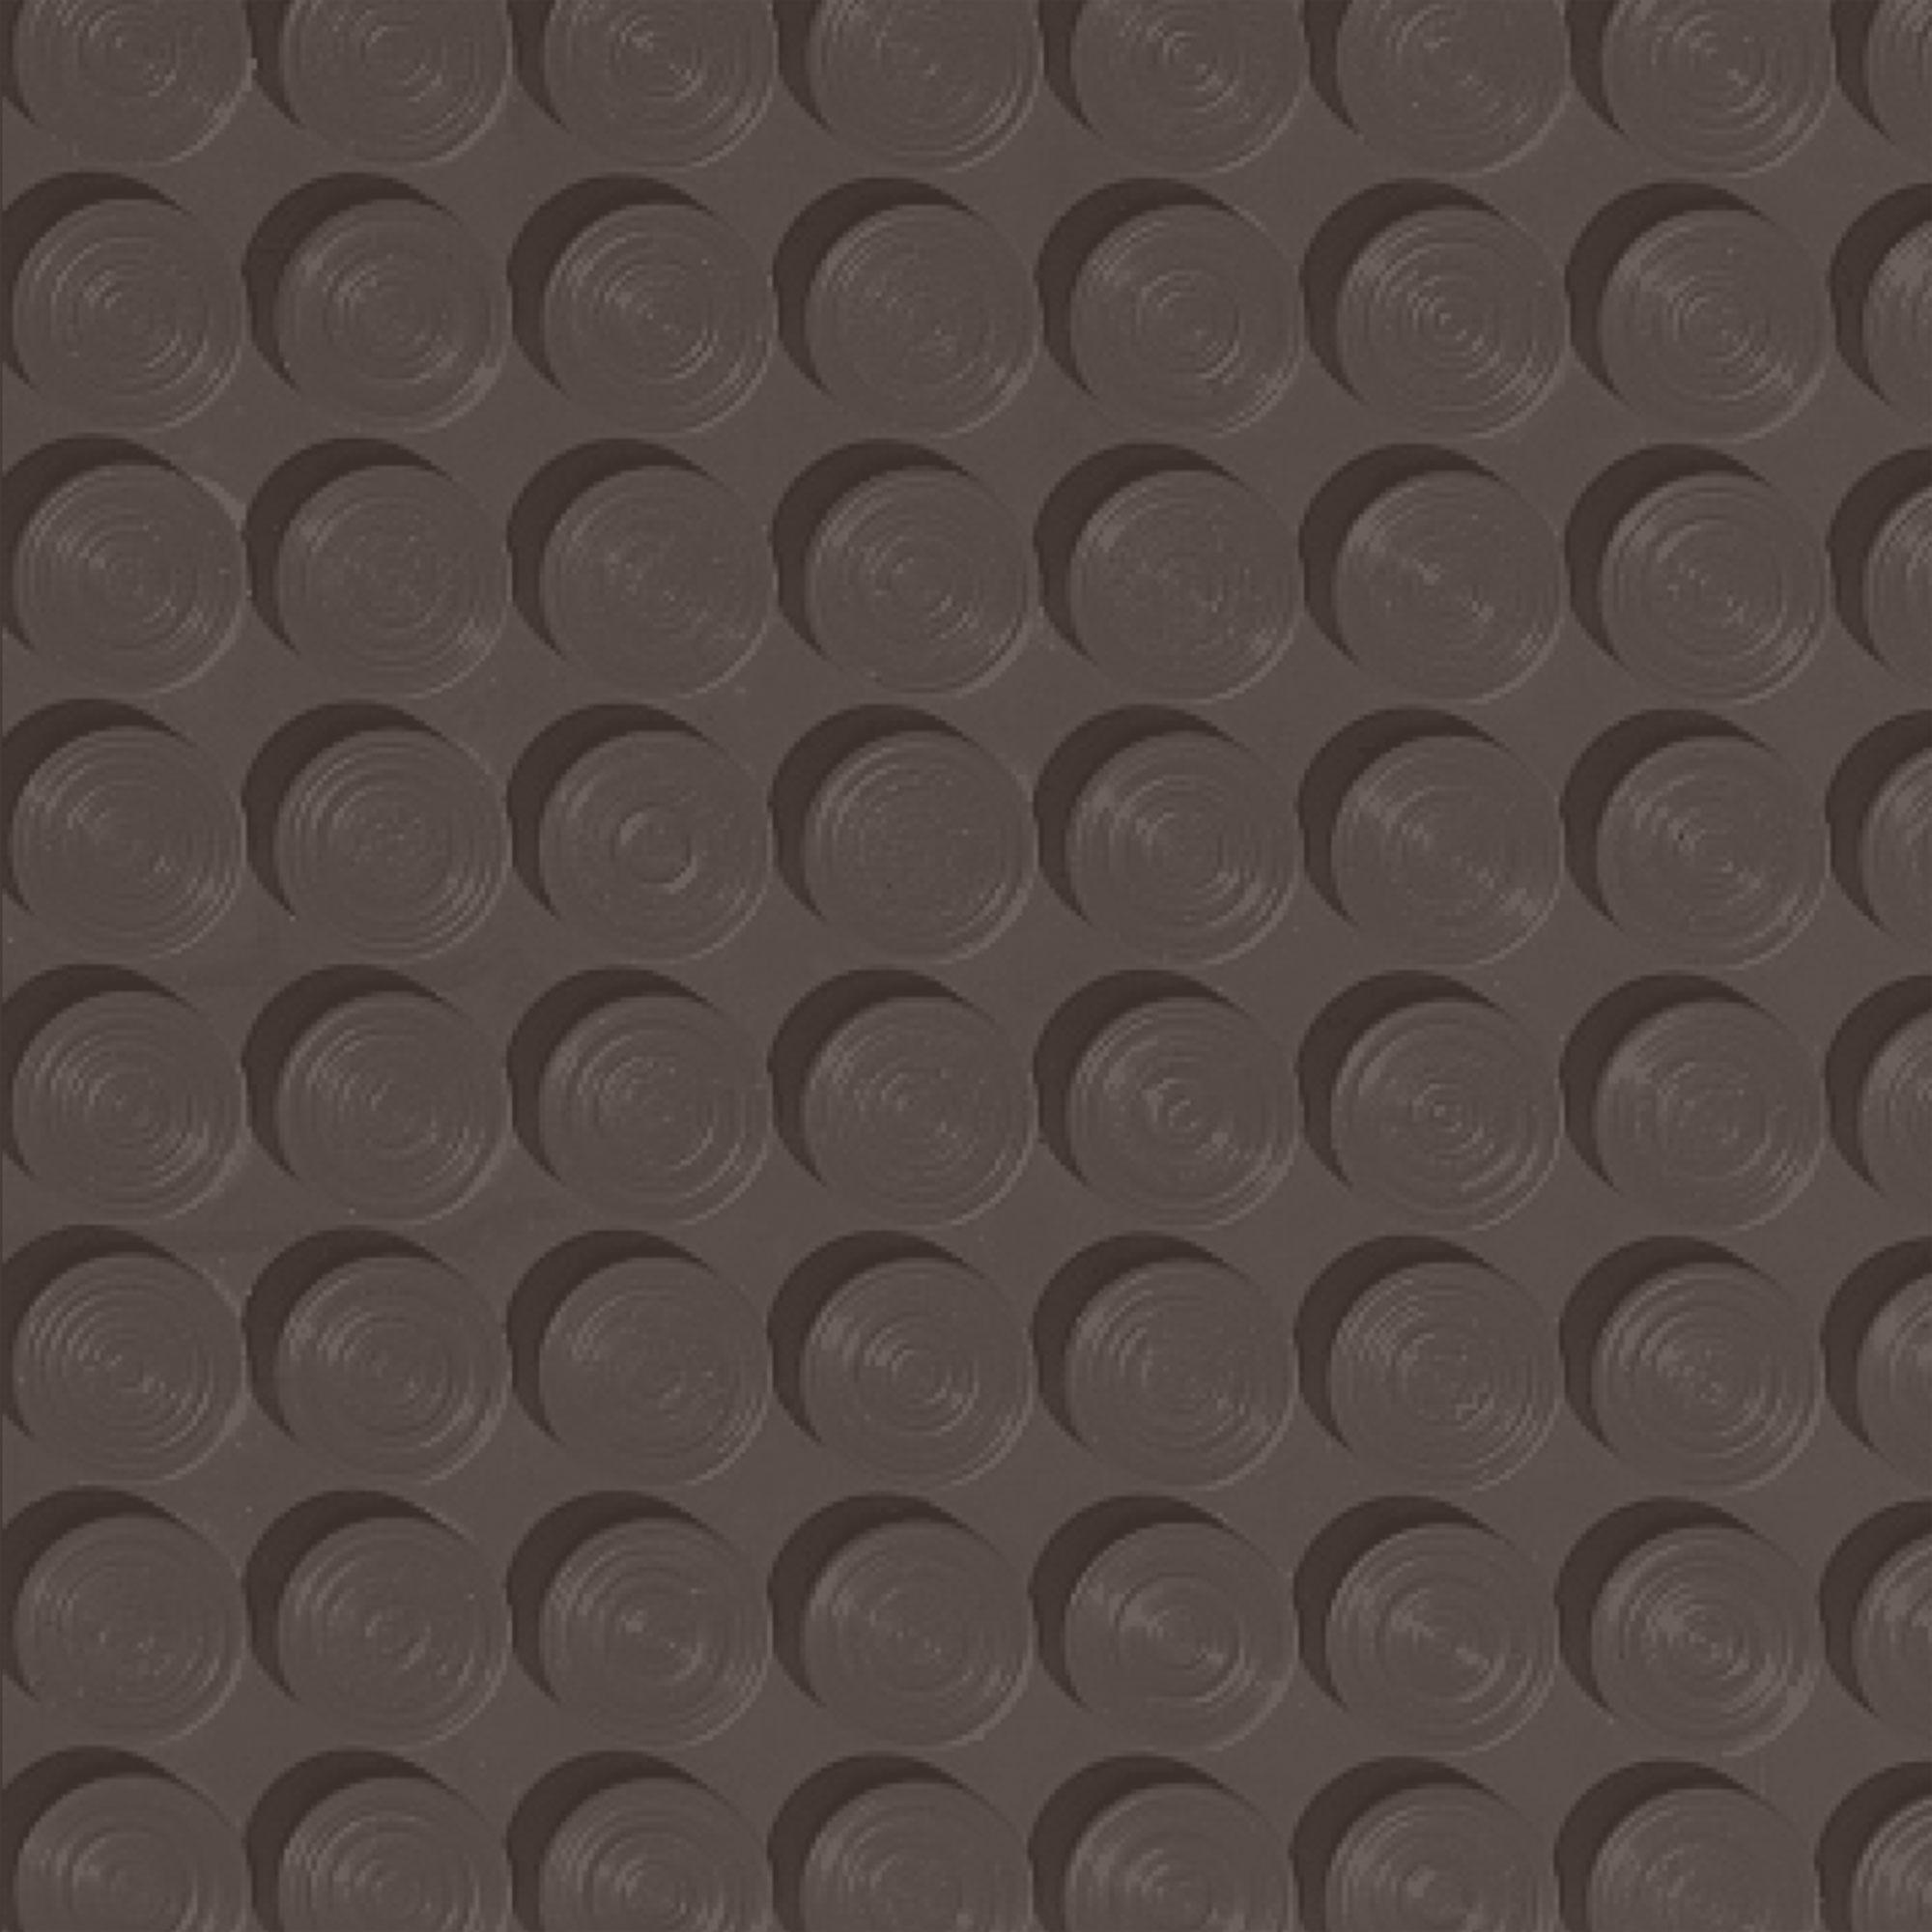 Roppe Rubber Tile 900 - Lug Back Vantage Design (LB996) Light Brown Rubber Flooring